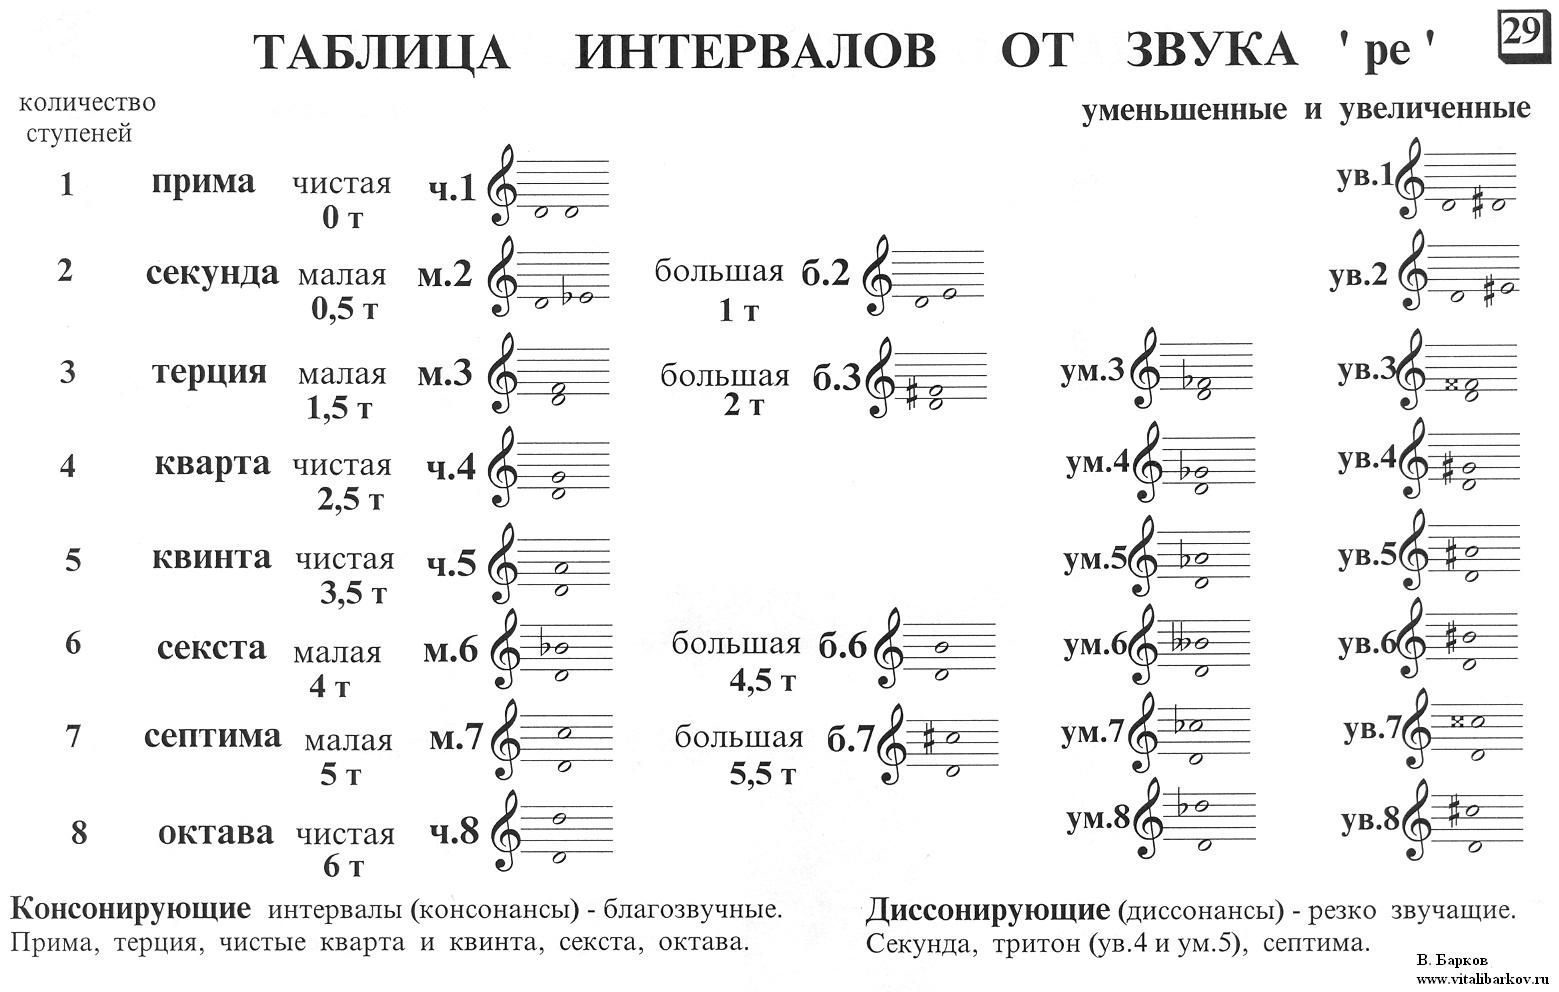 Музыкальные интервалы - как отличать и запоминать